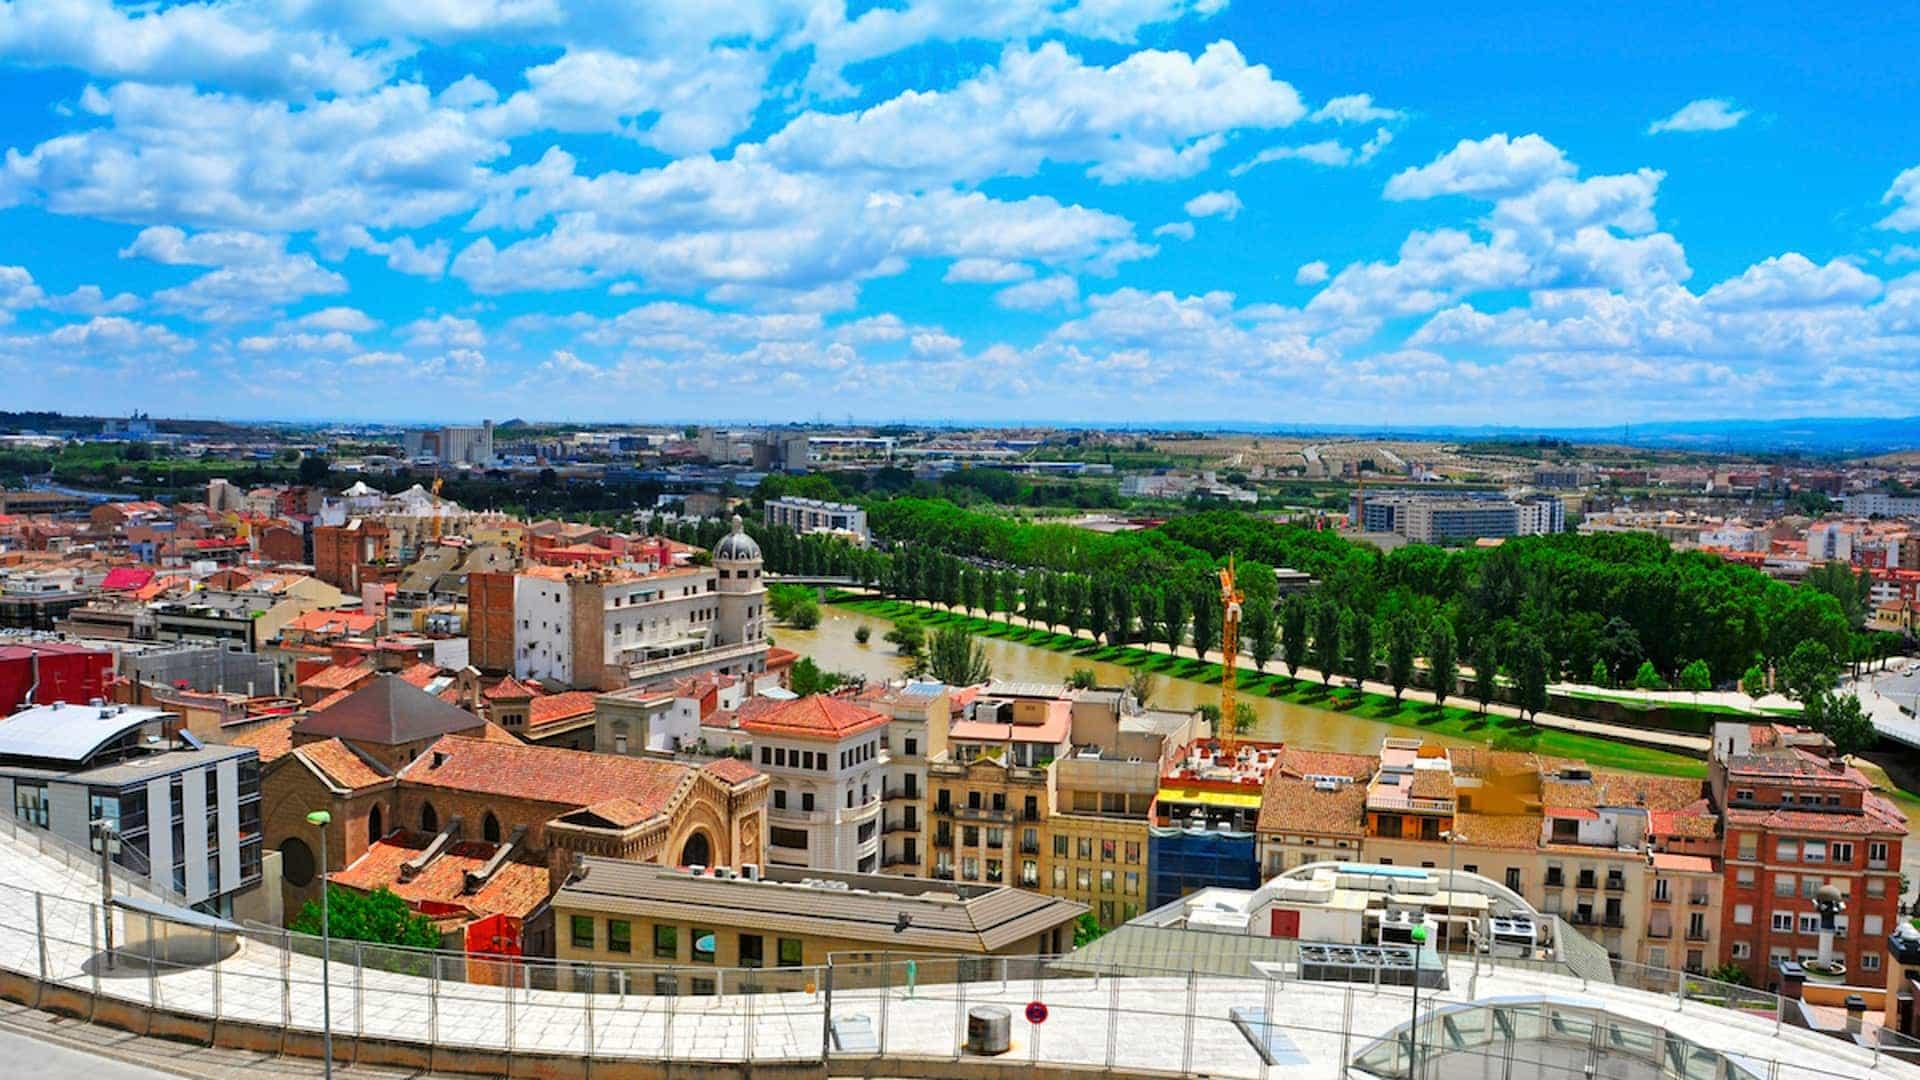 Movistar Lleida: tiendas y cobertura 5G